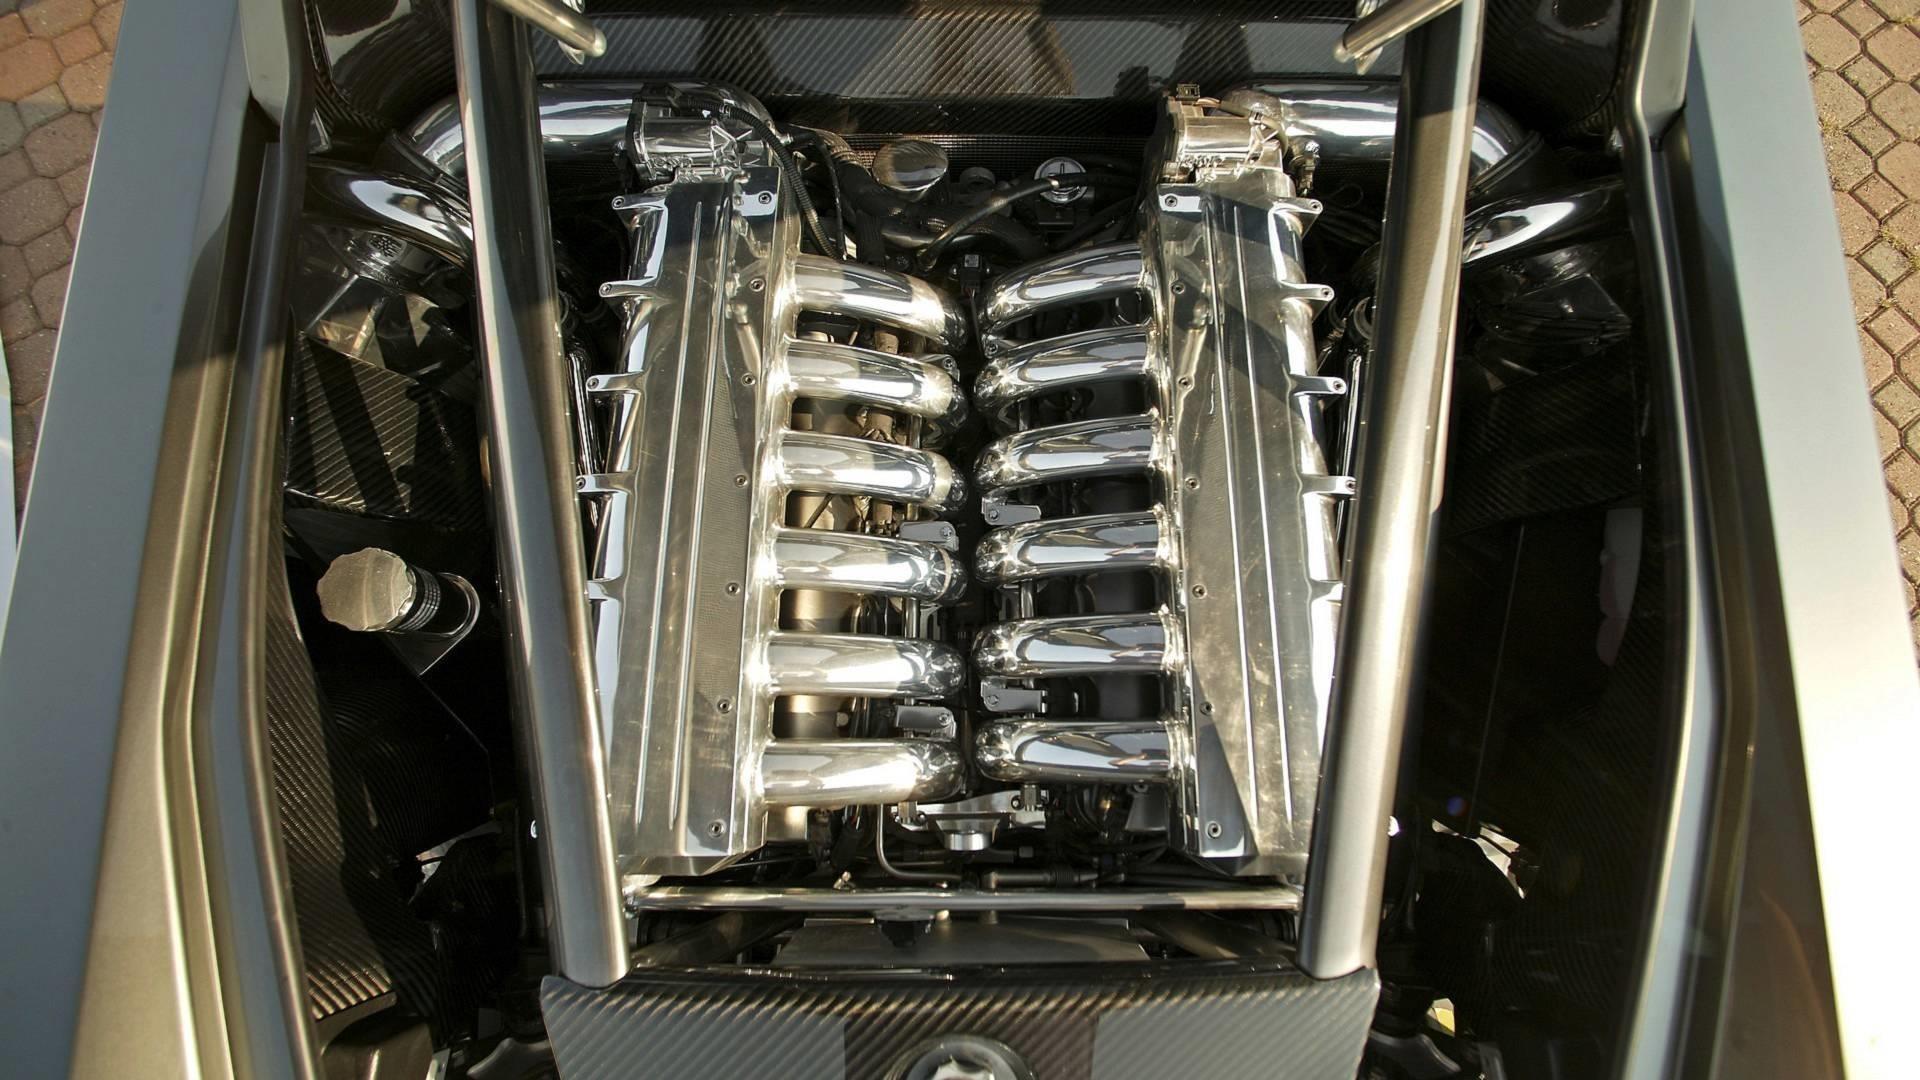 ME Four-Twelve sở hữu động cơ V12 6.0L với 4 bộ tăng áp của AMG, cho racông suất 850 mã lực.